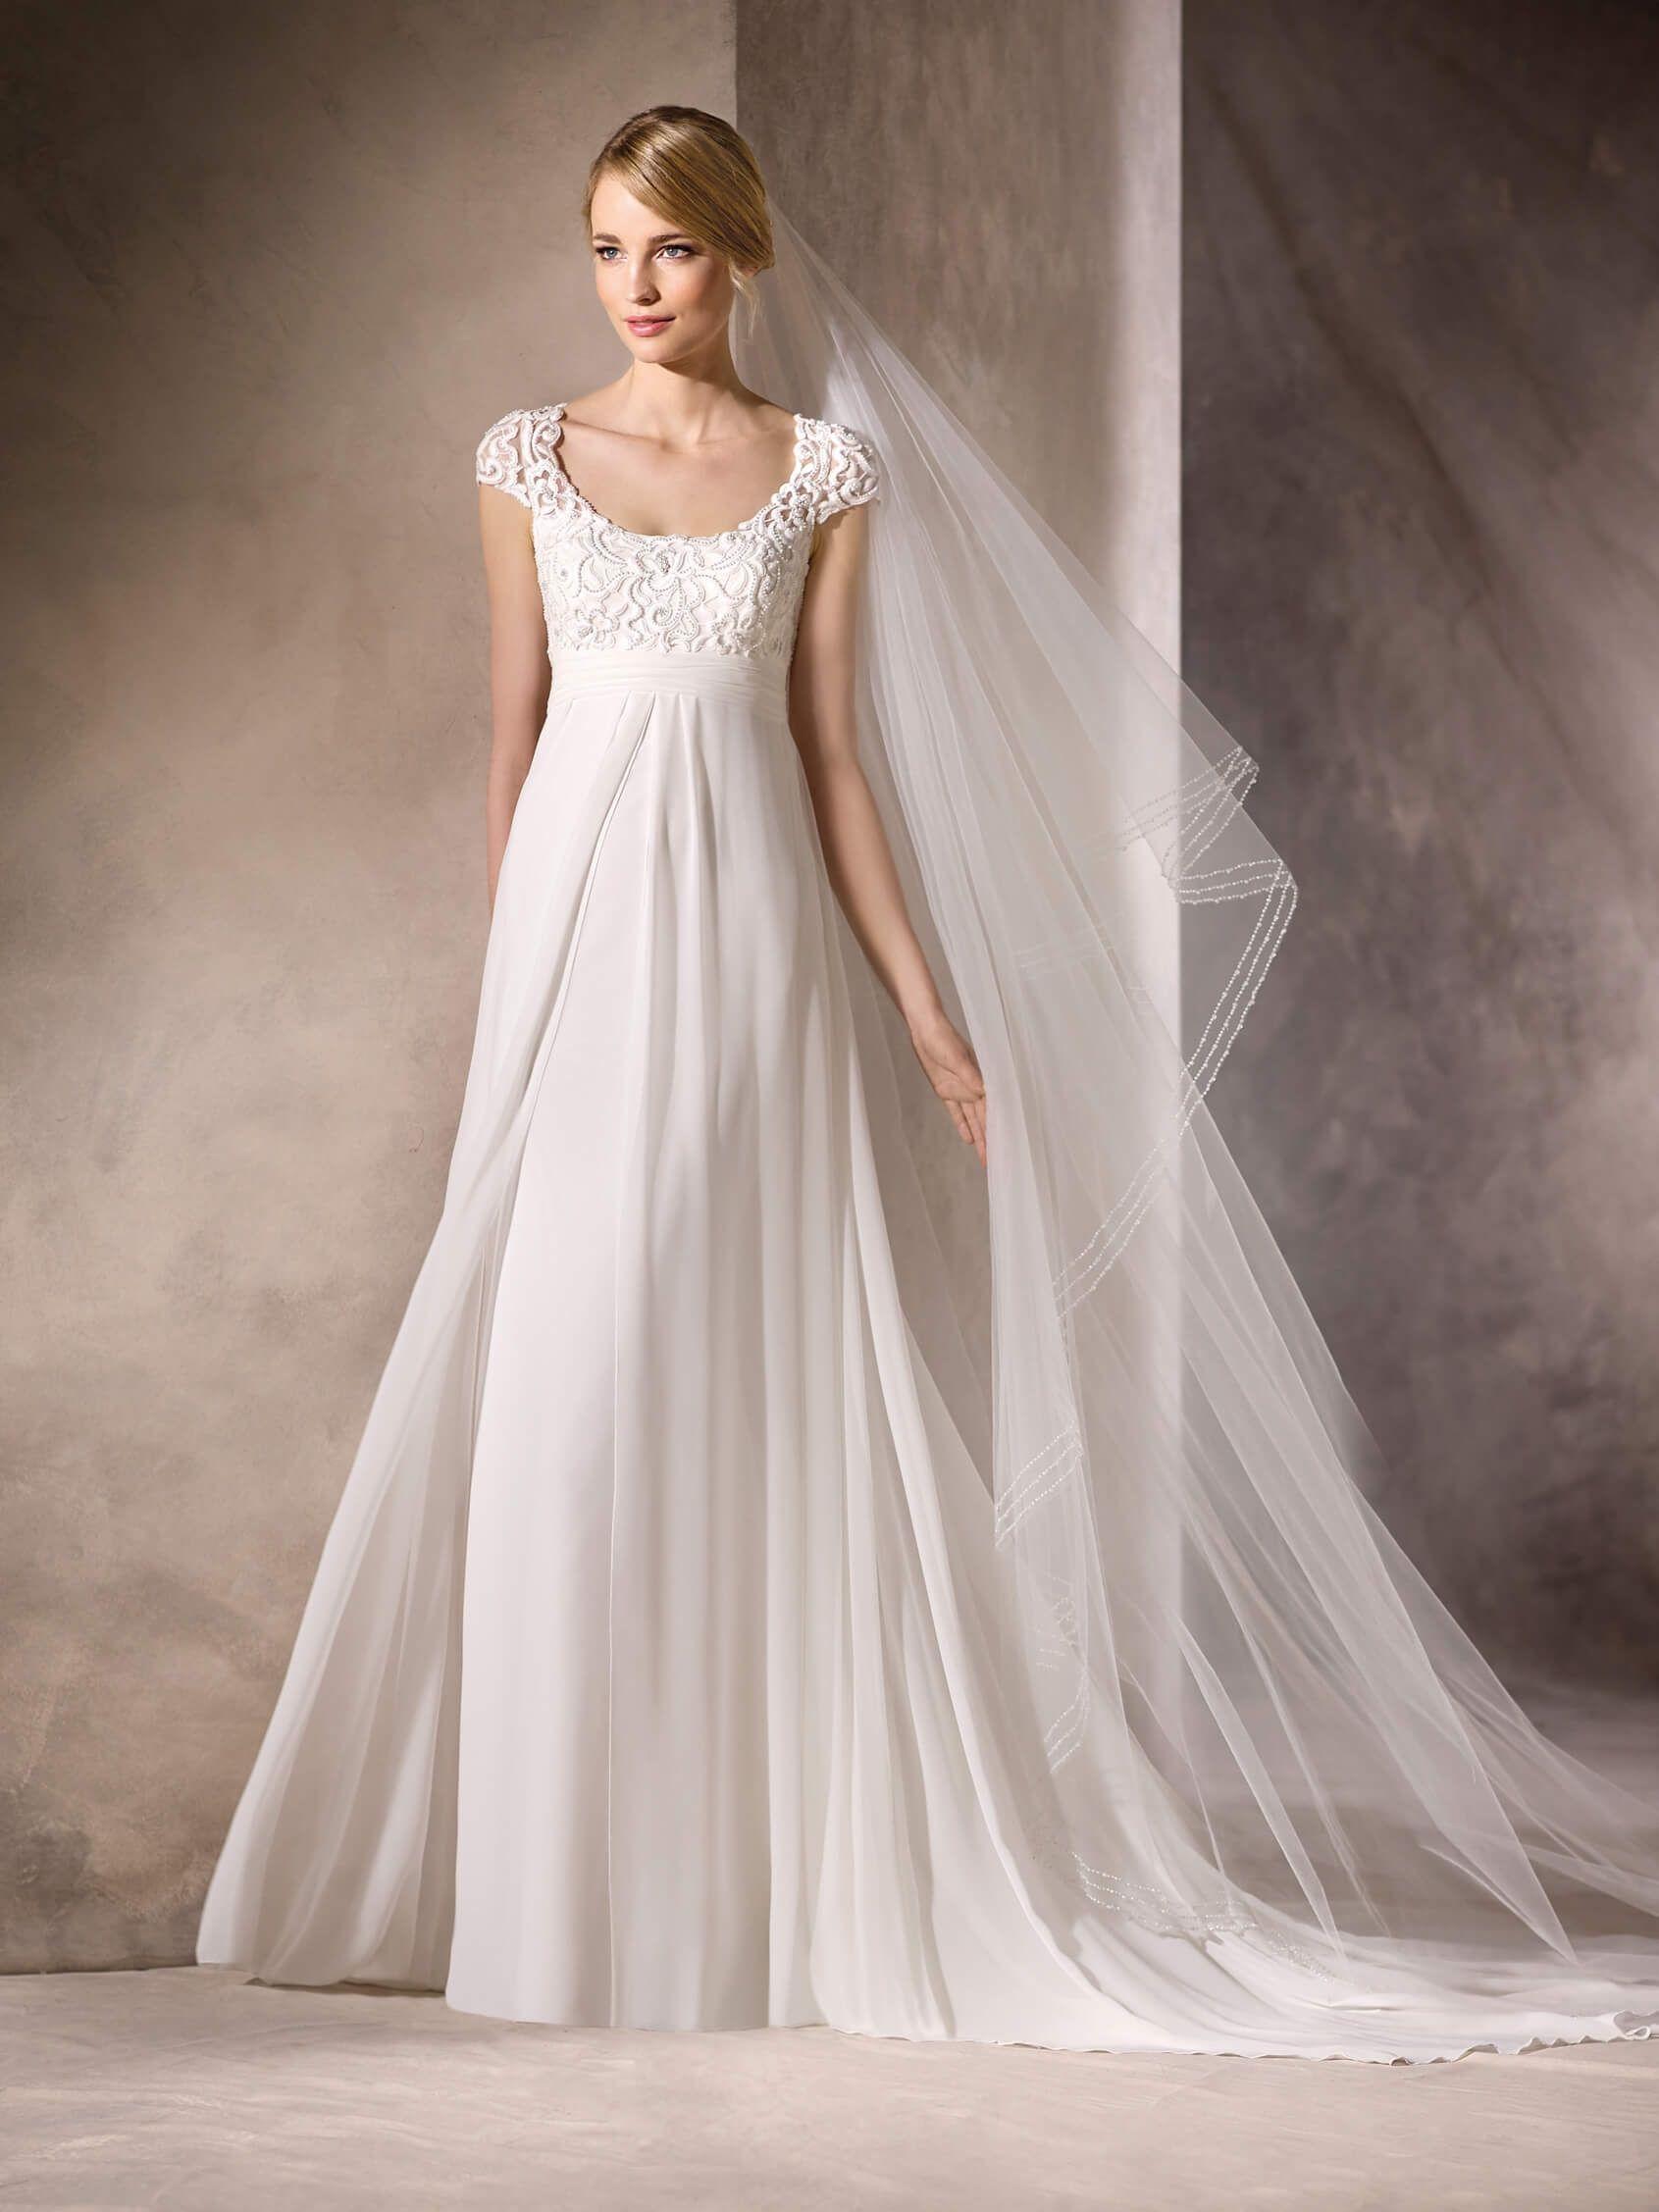 Vestidos de novia embarazada corte imperio